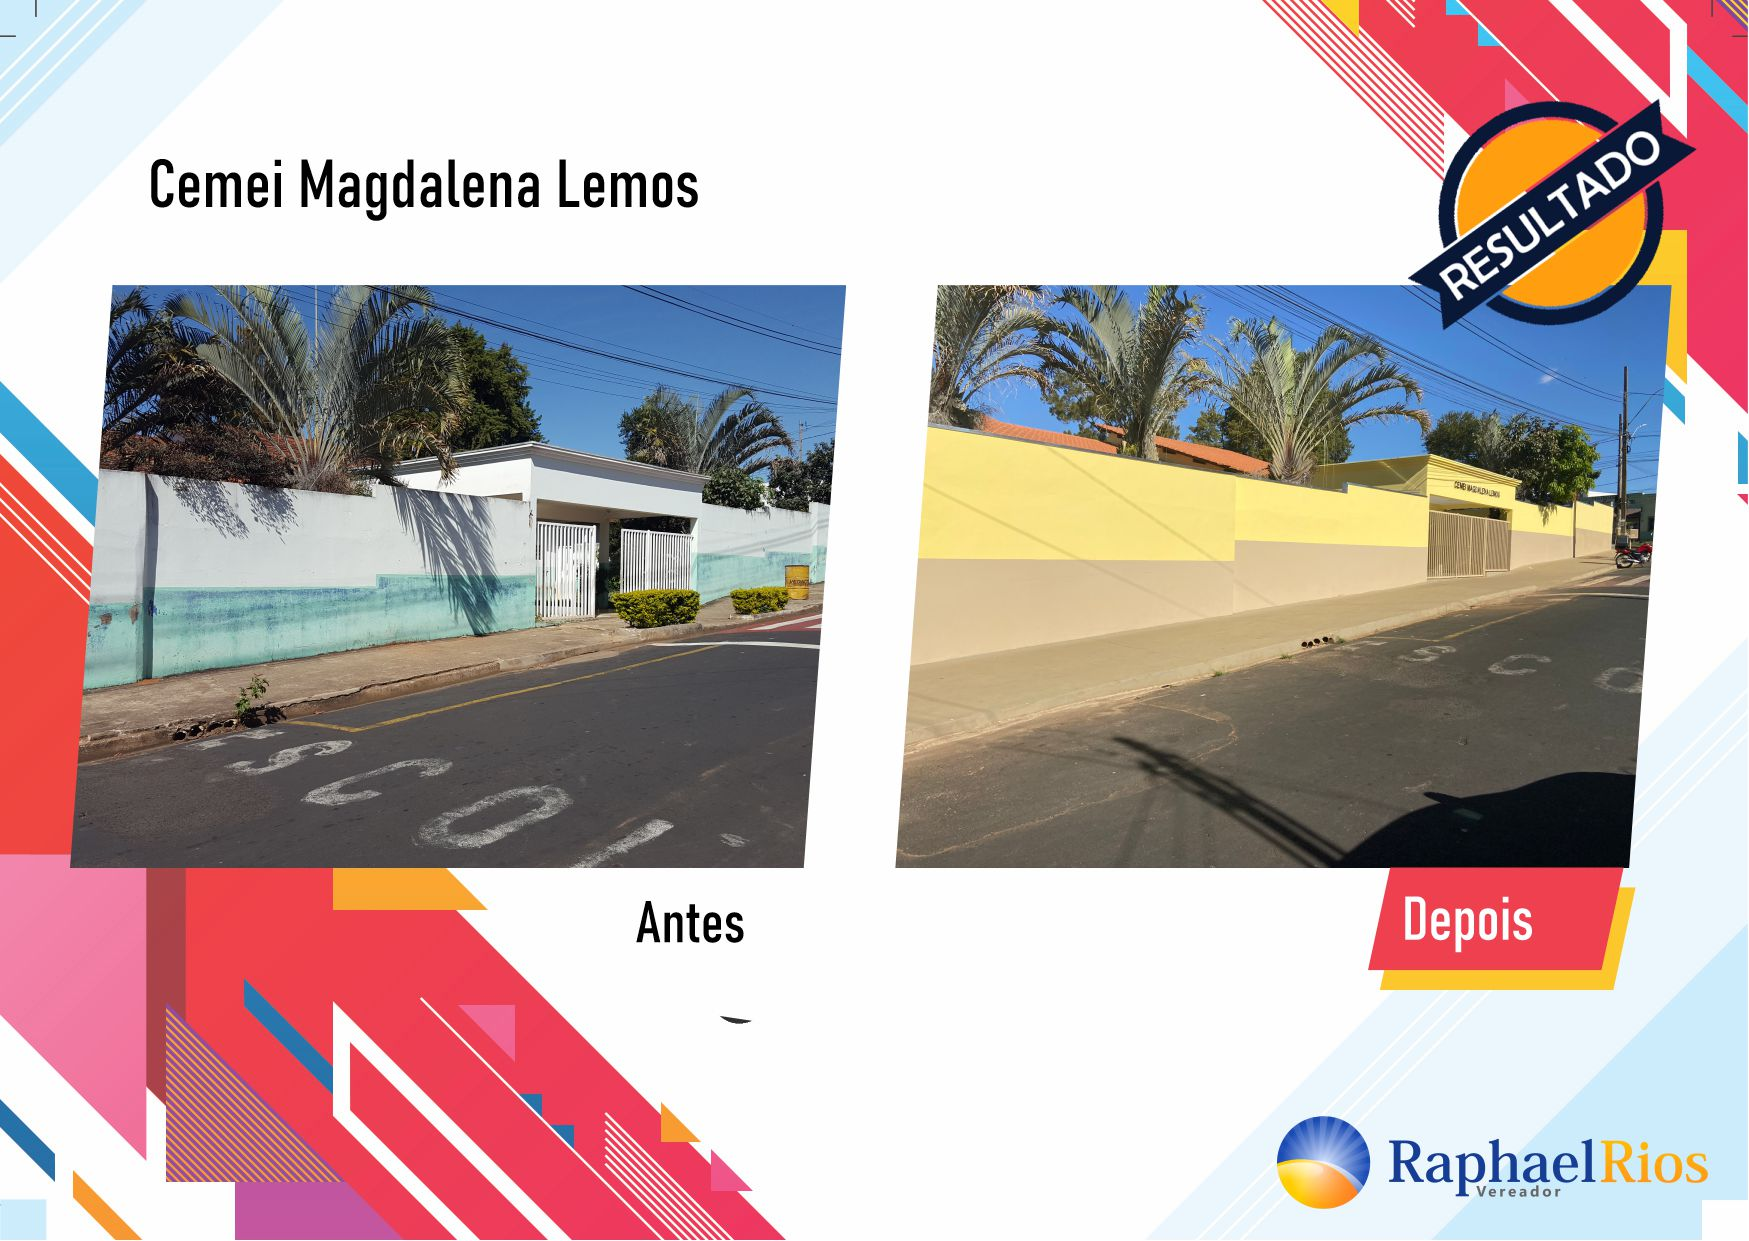 Após fiscalização, Raphael Rios confere reforma geral do Cemei Magdalena Lemos 6